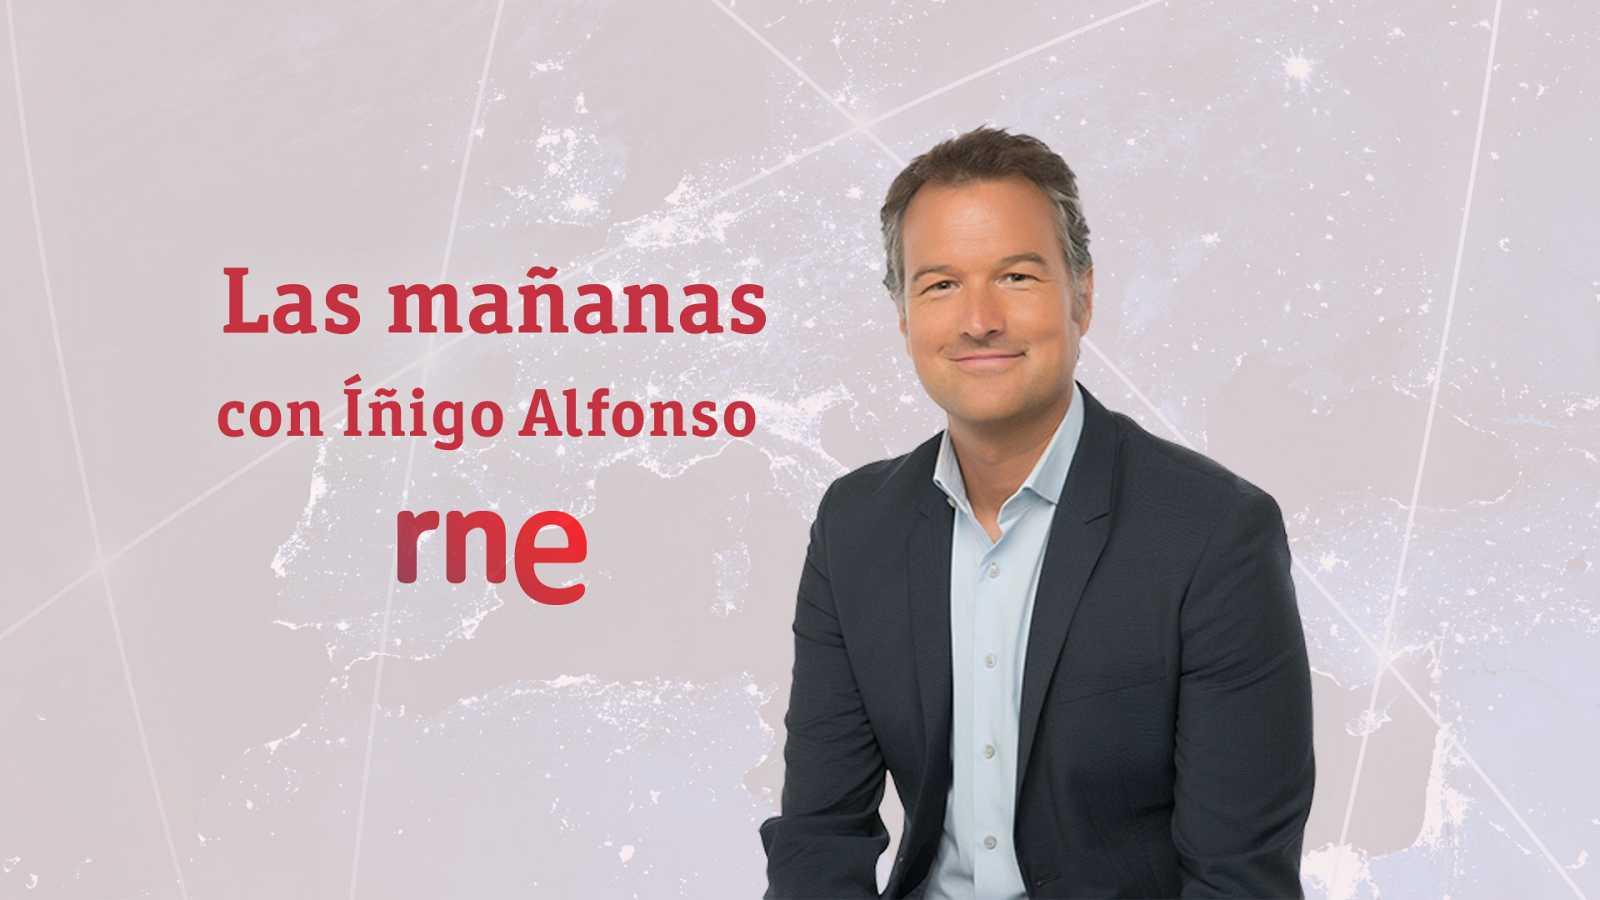 Las mañanas de RNE con Íñigo Alfonso - Segunda hora - 21/05/20 - escuchar ahora